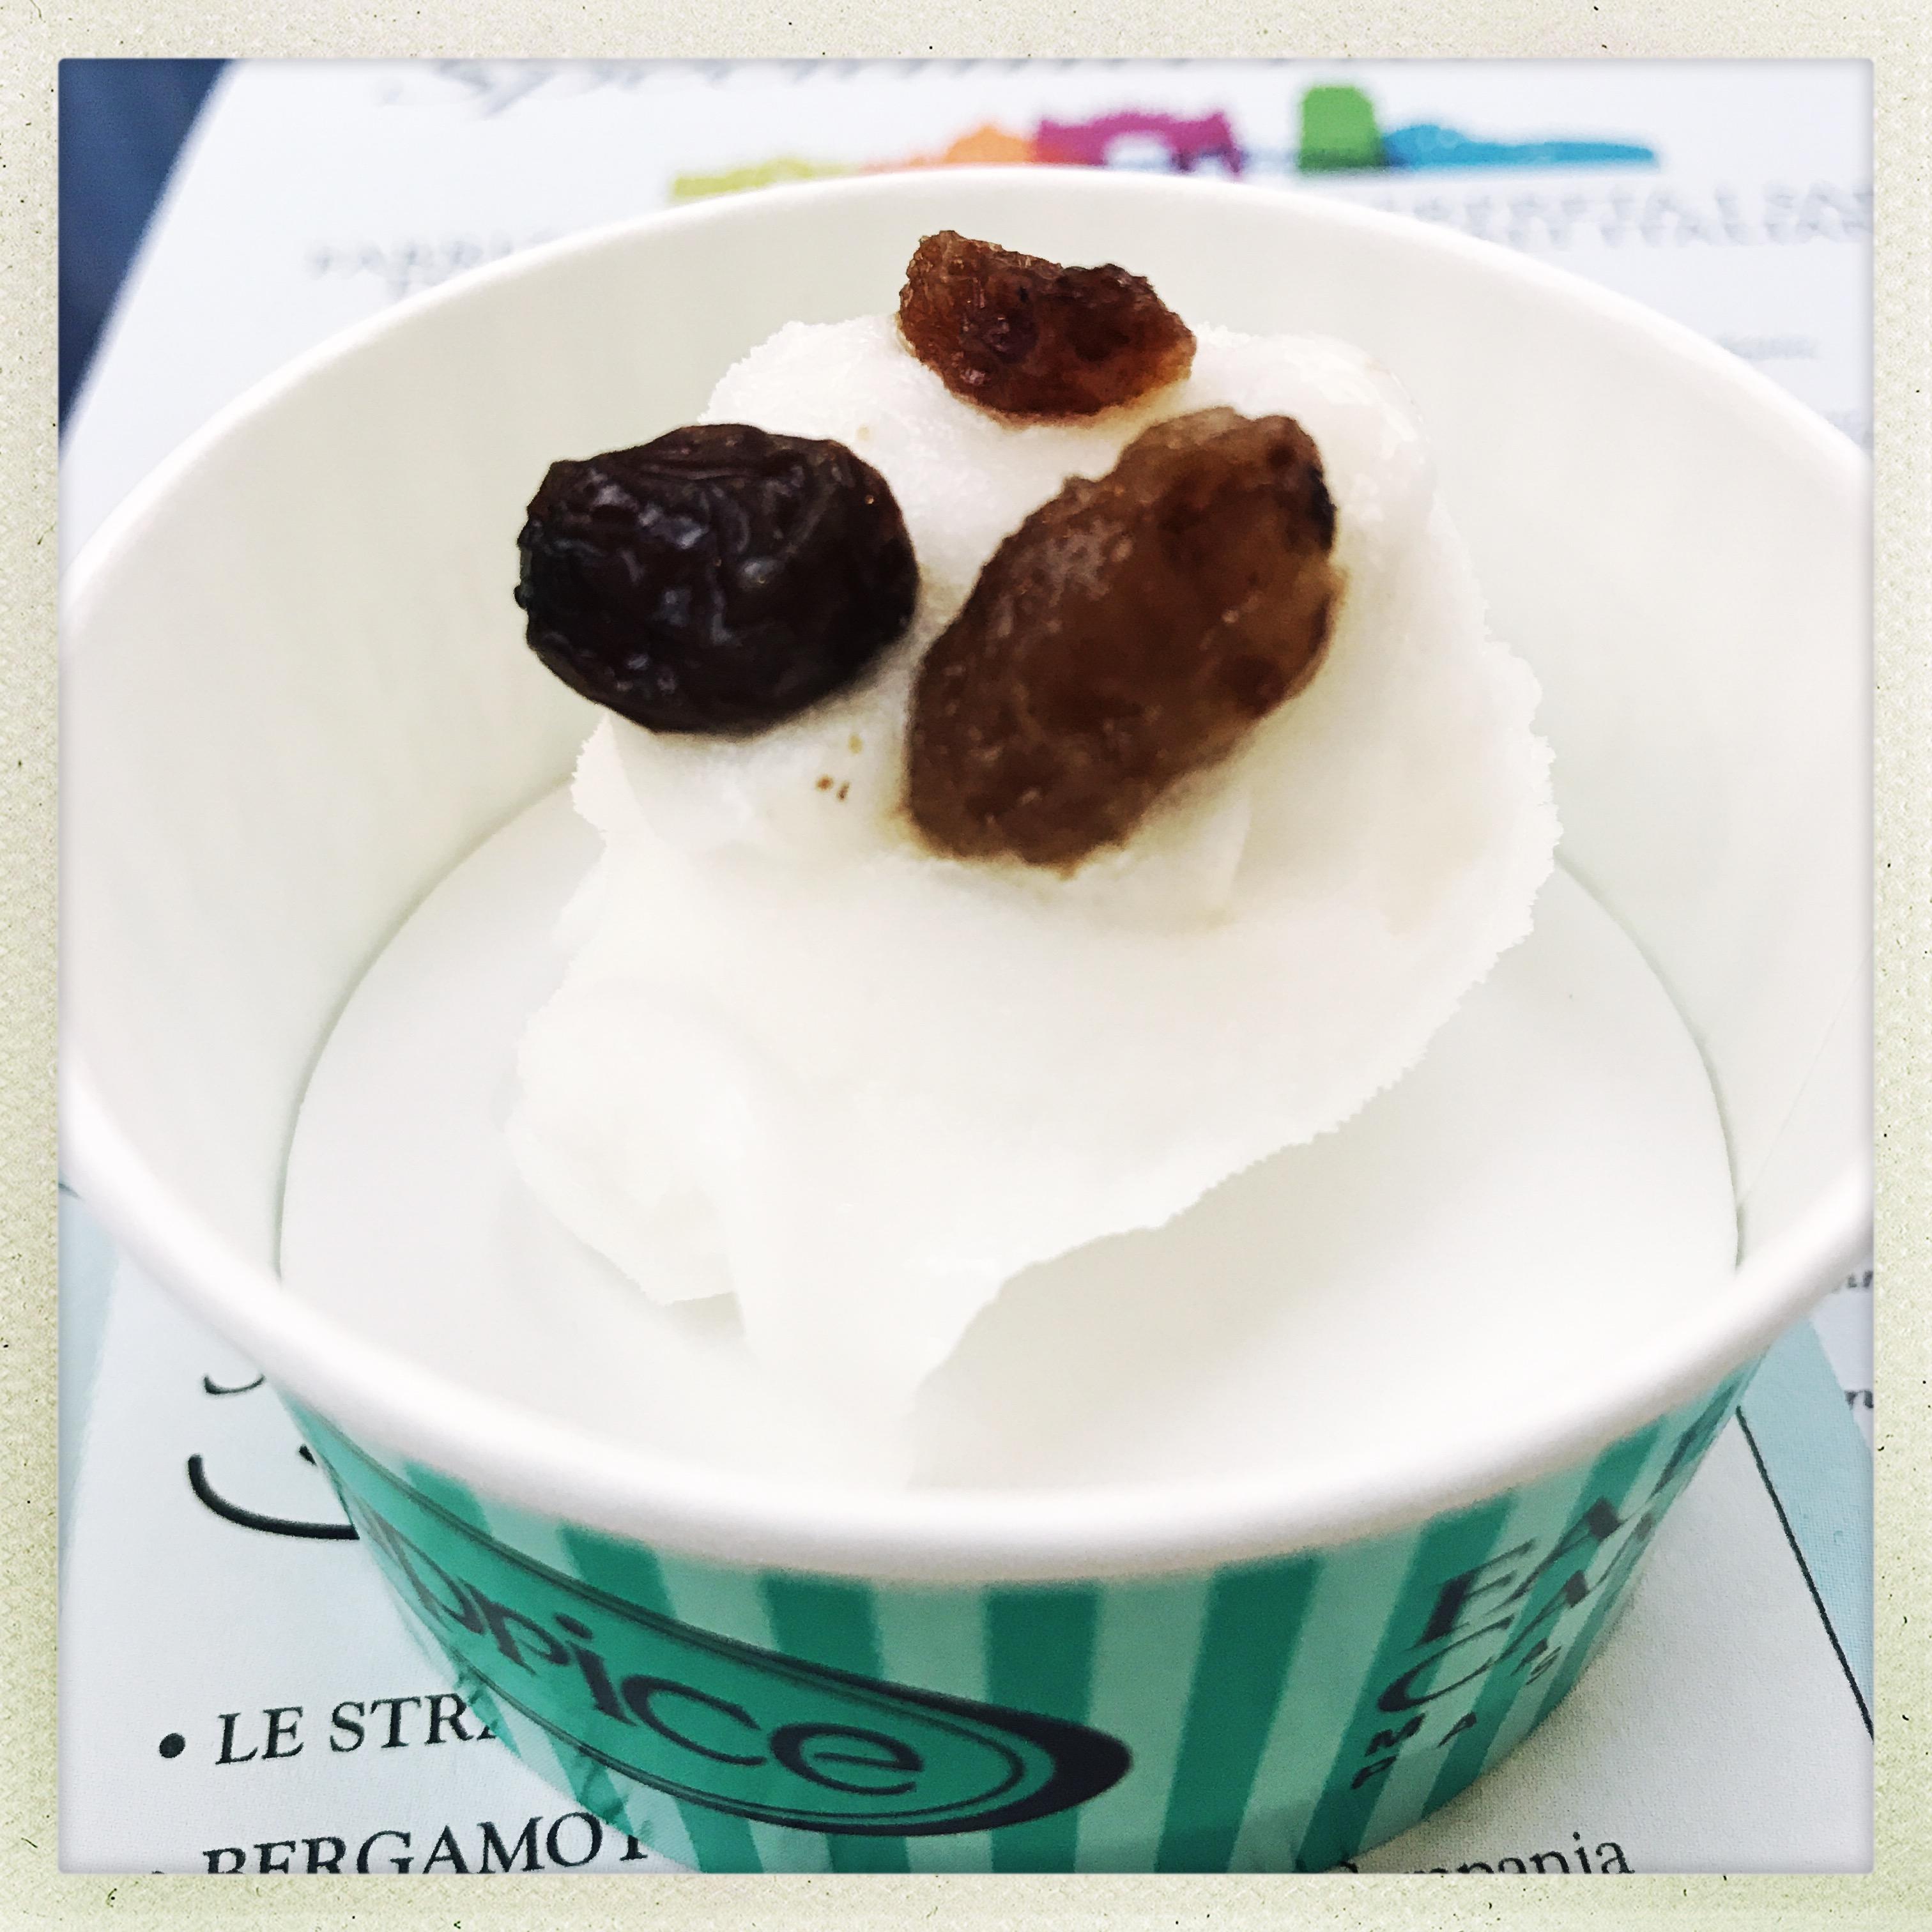 Pasticceria Caprice Perscara - gelato verdicchio